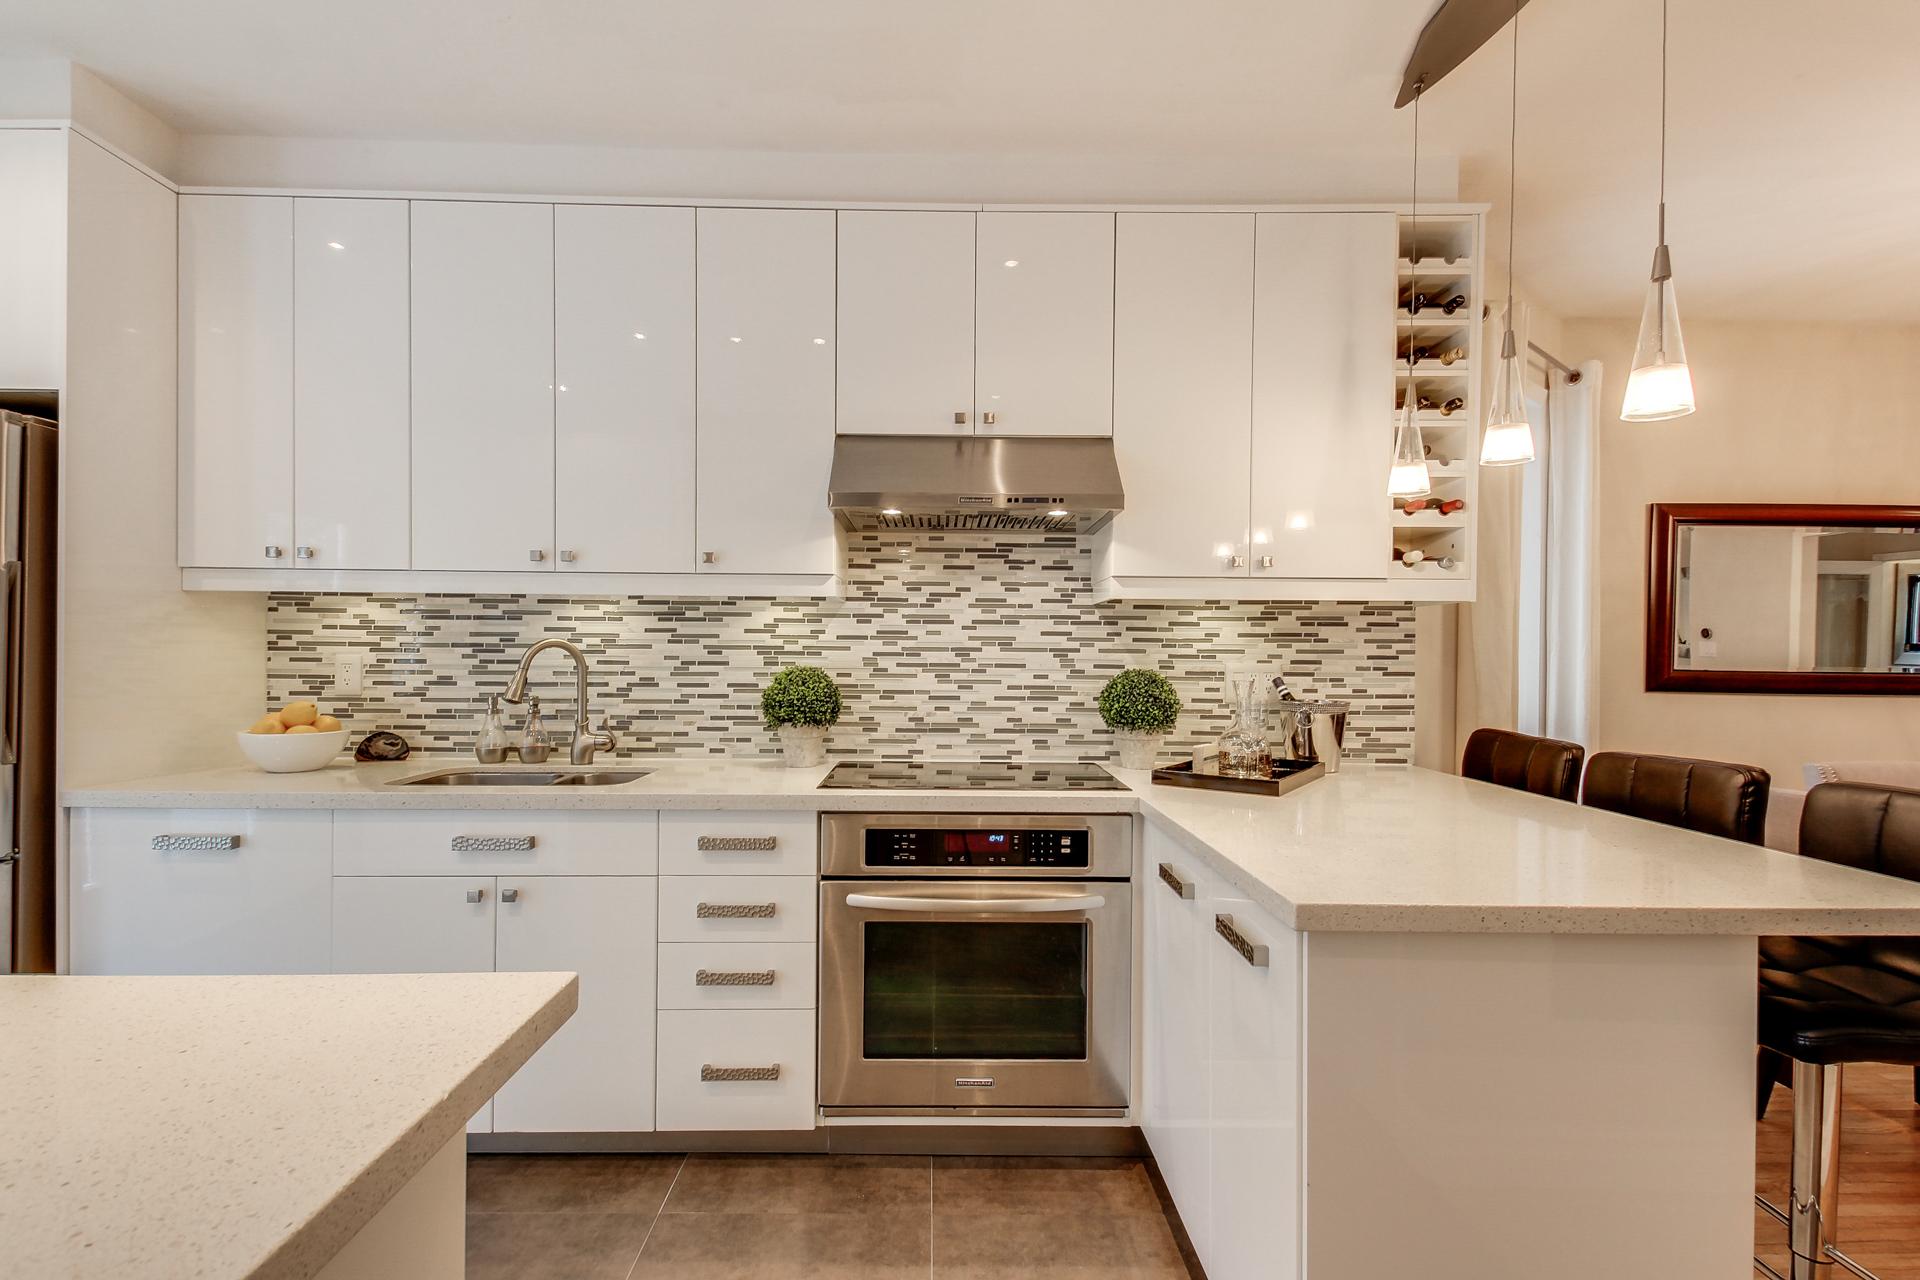 24_kitchen5.jpg